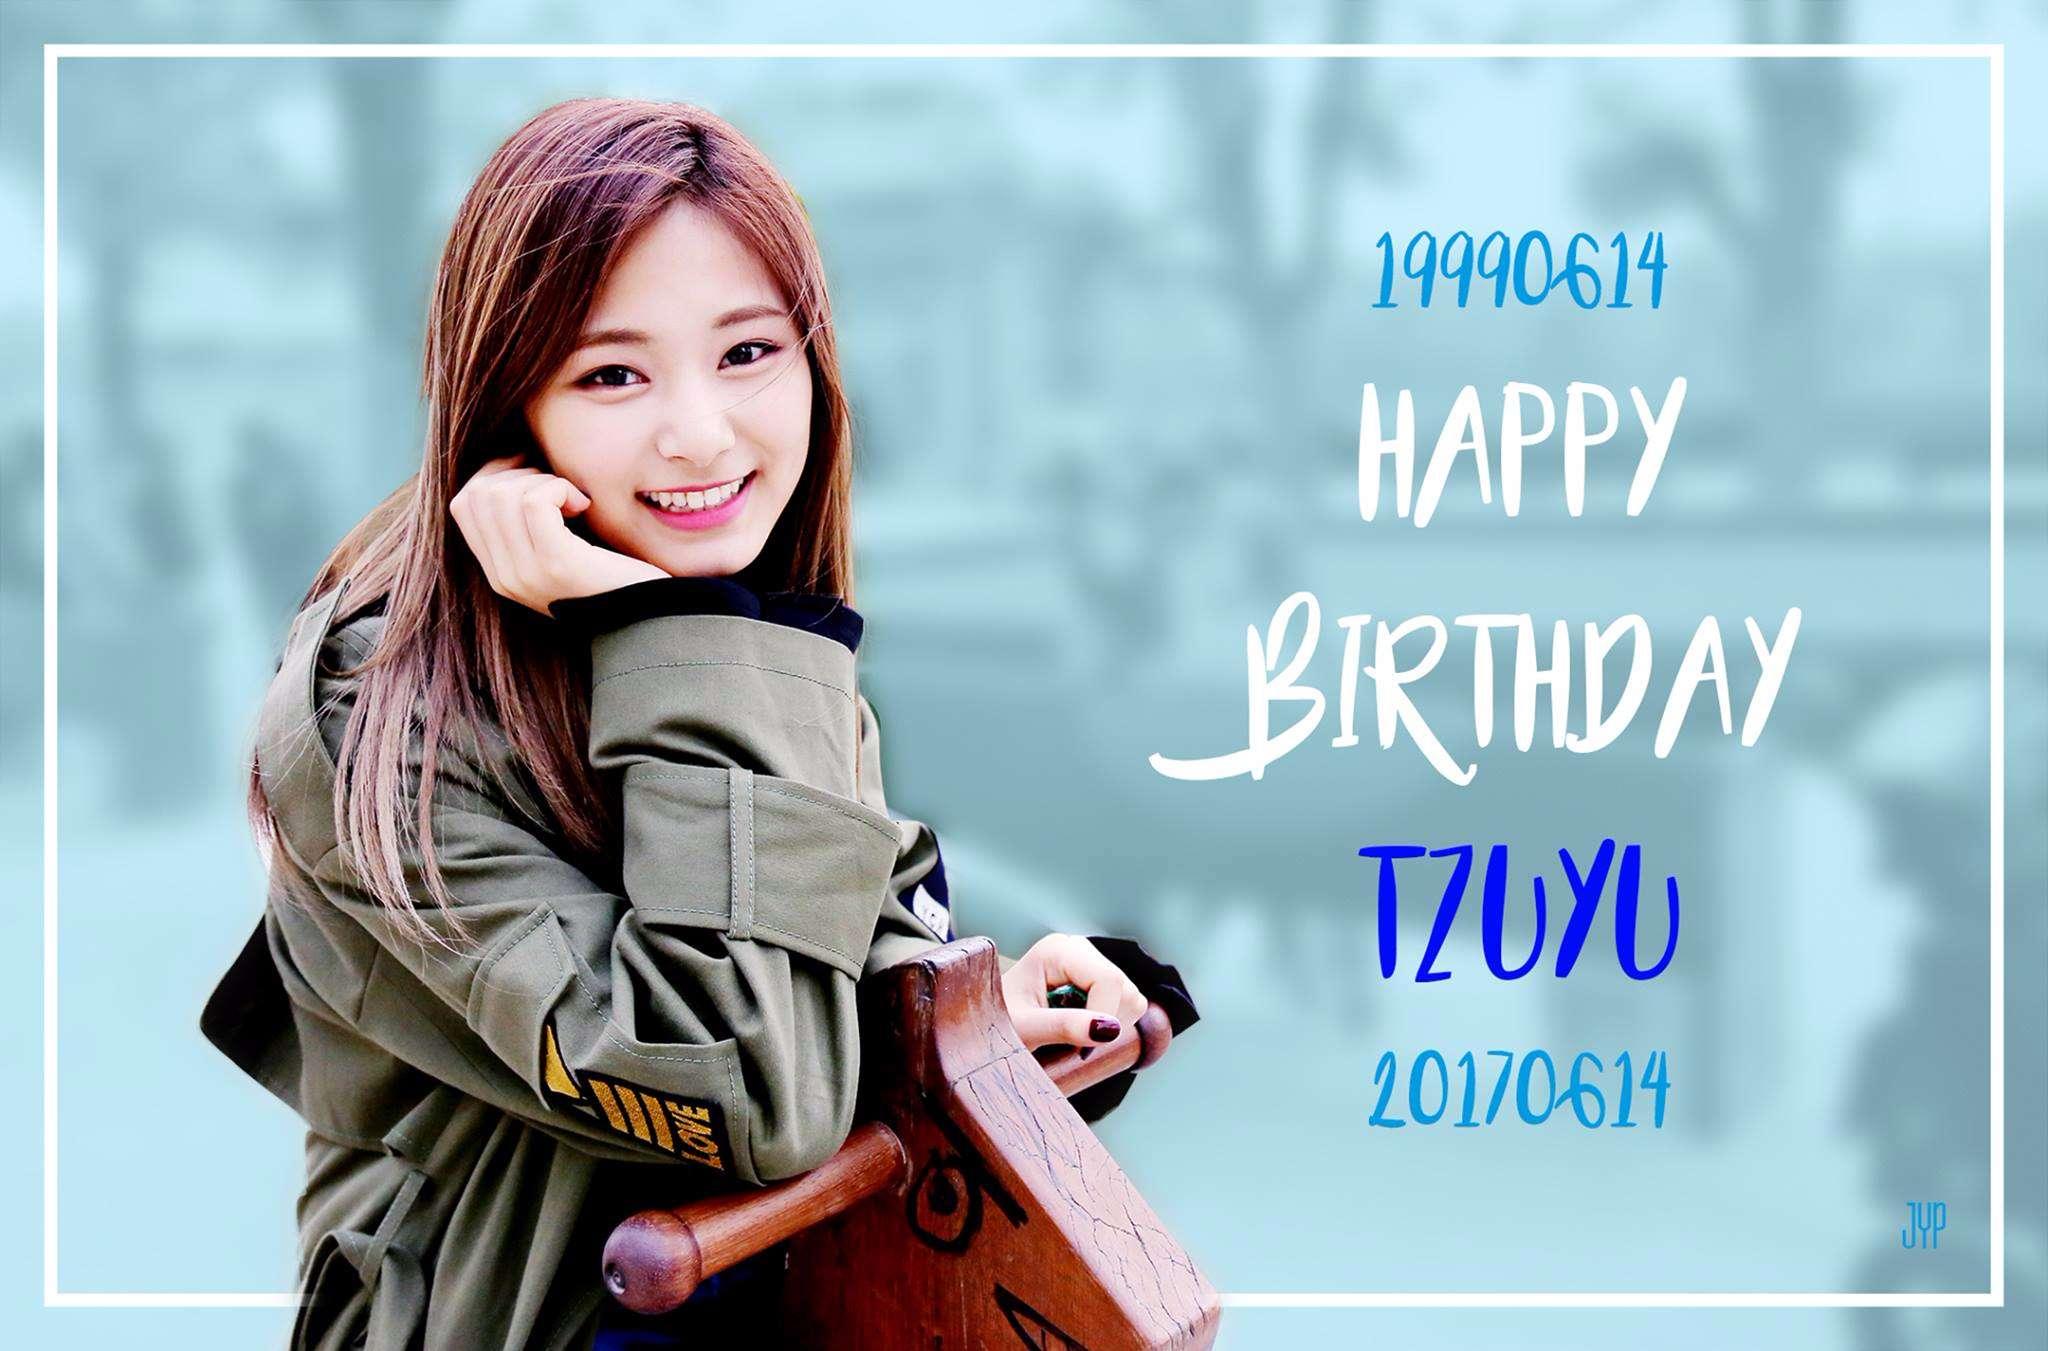 粉絲們都知道6/14是子瑜的生日嗎...? JYP也在官方臉書貼出子瑜的生日照,還有來自世界各地ONCE的祝福,粉絲們除了在韓國地鐵也有刊登廣告,在紐約時代廣場更是有粉絲刊登生日祝福@@